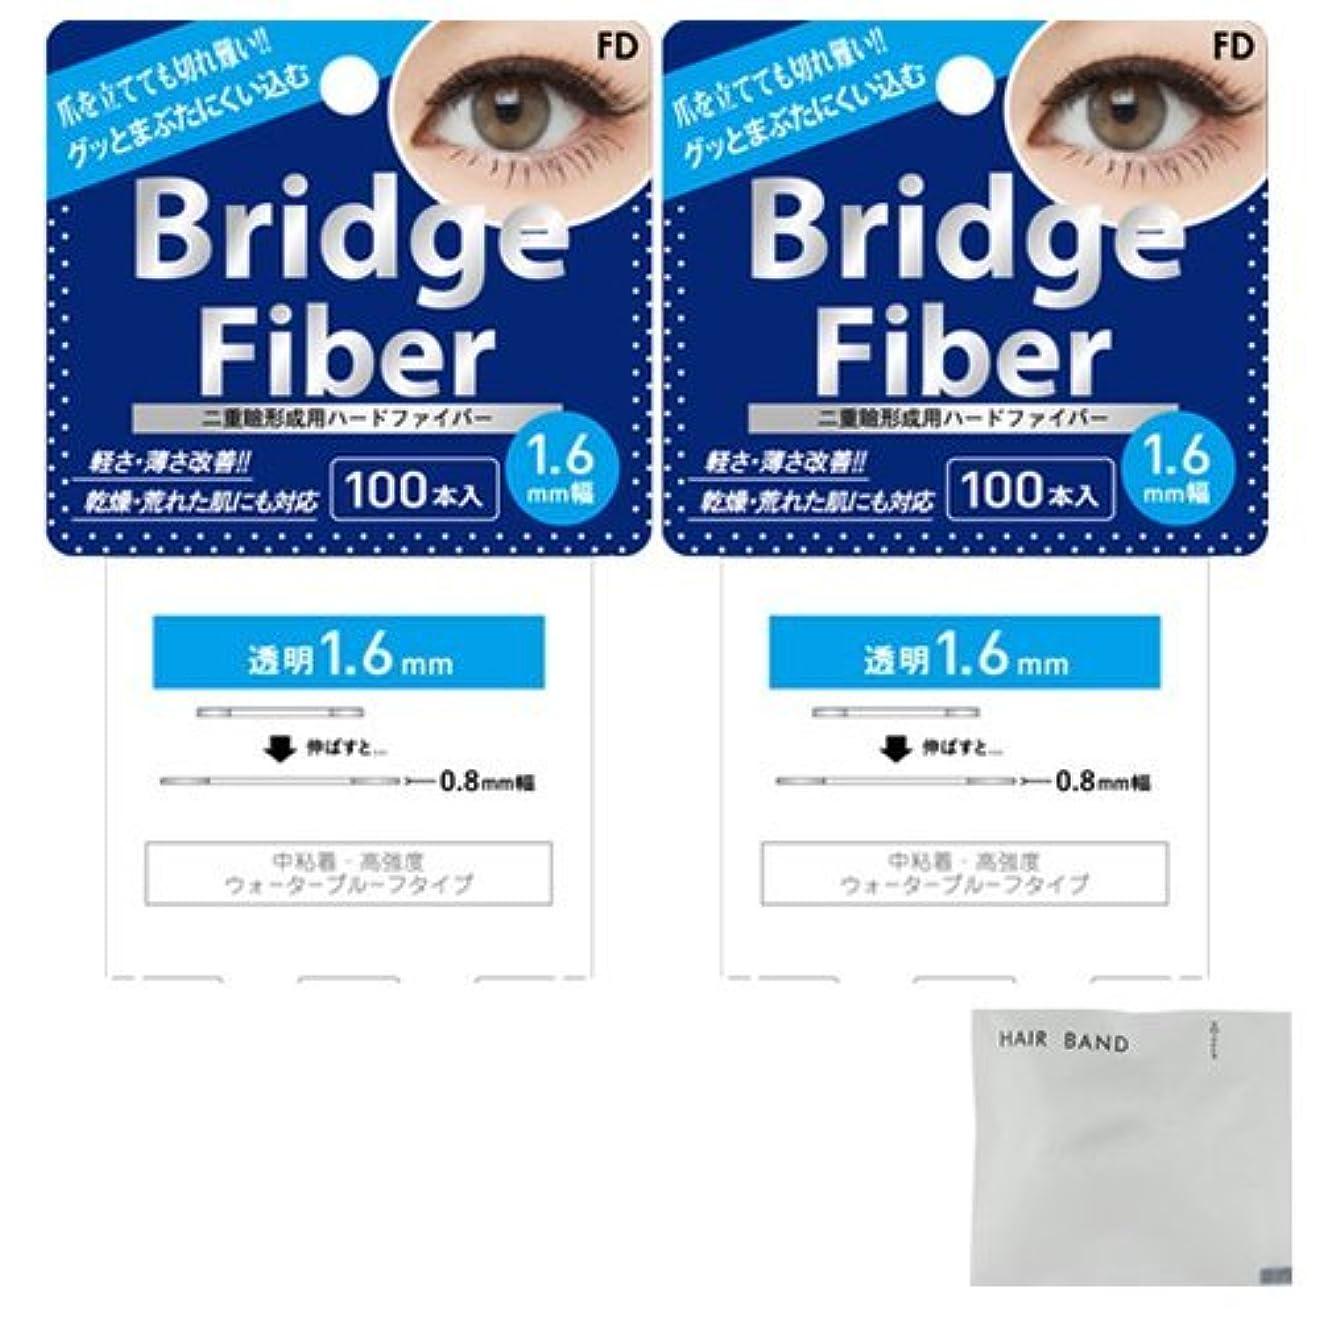 ジャベスウィルソンただやる一FD ブリッジファイバーⅡ (Bridge Fiber) クリア1.6mm×2個 + ヘアゴム(カラーはおまかせ)セット